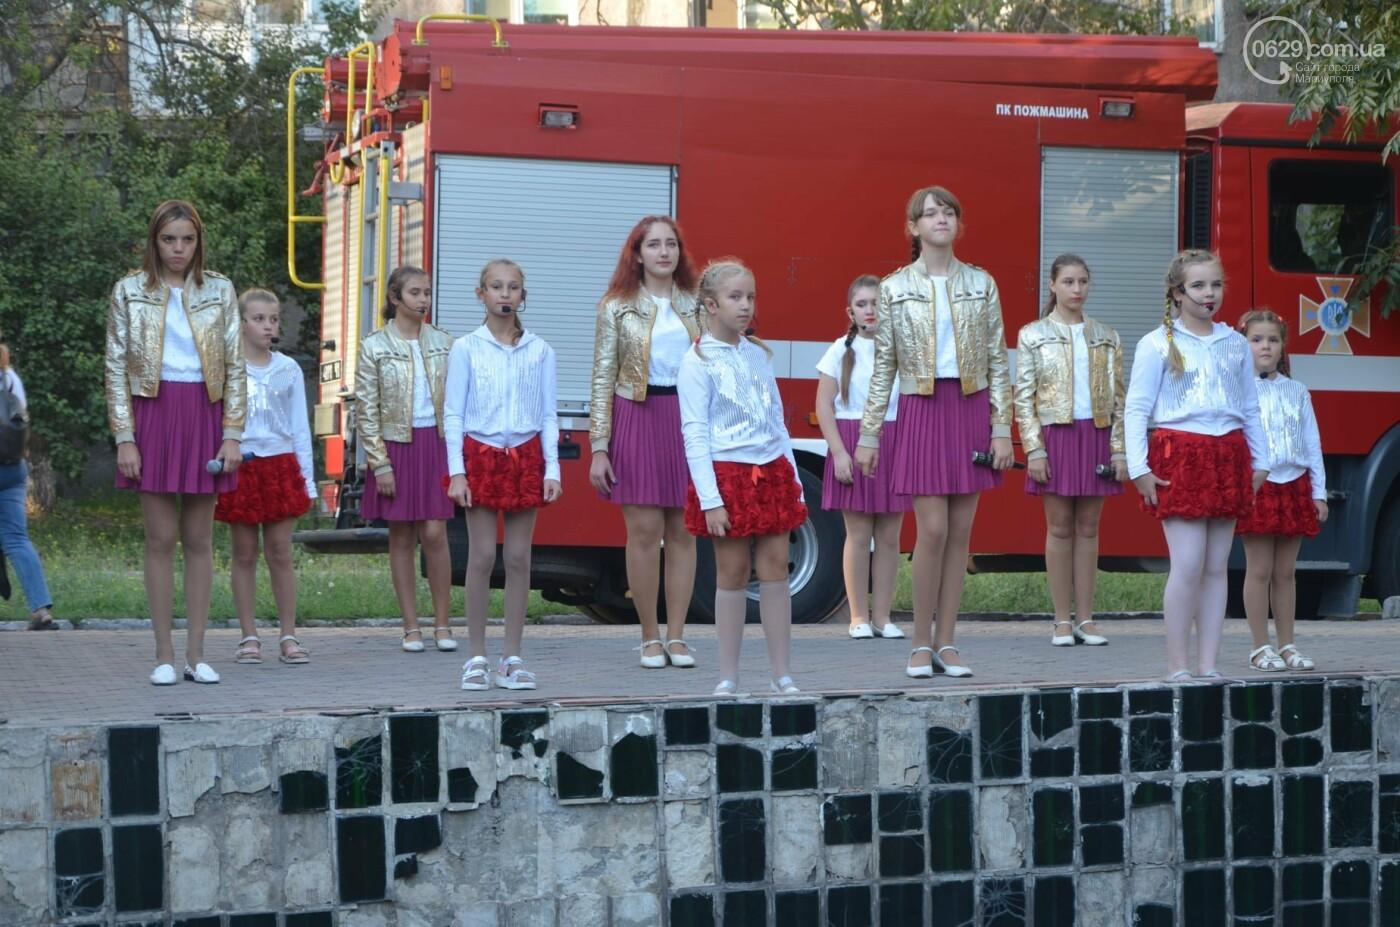 В Мариуполе отпраздновали День двора на пожарной машине, - ФОТО, фото-12